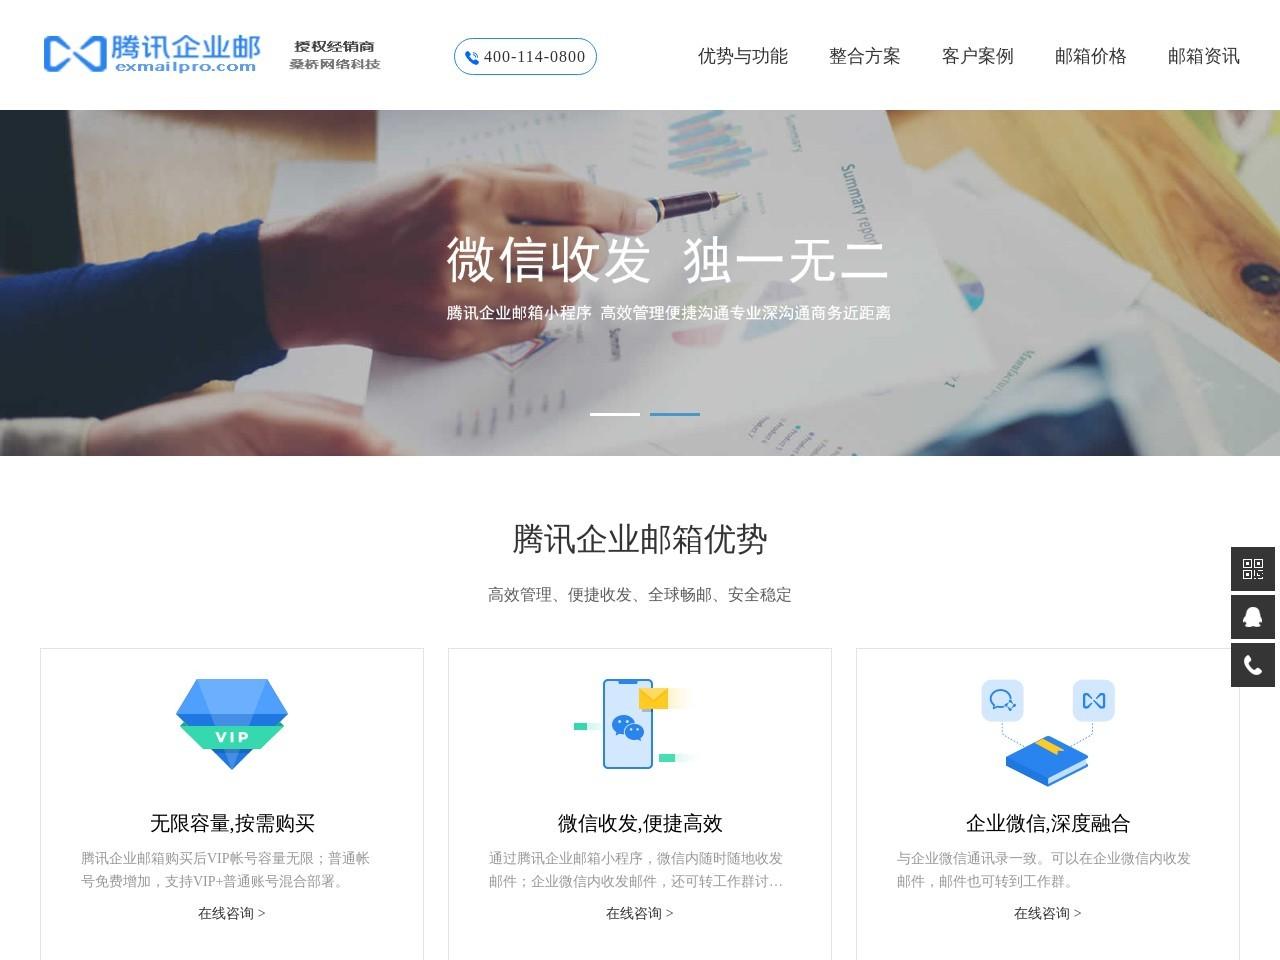 腾讯企业邮箱金华